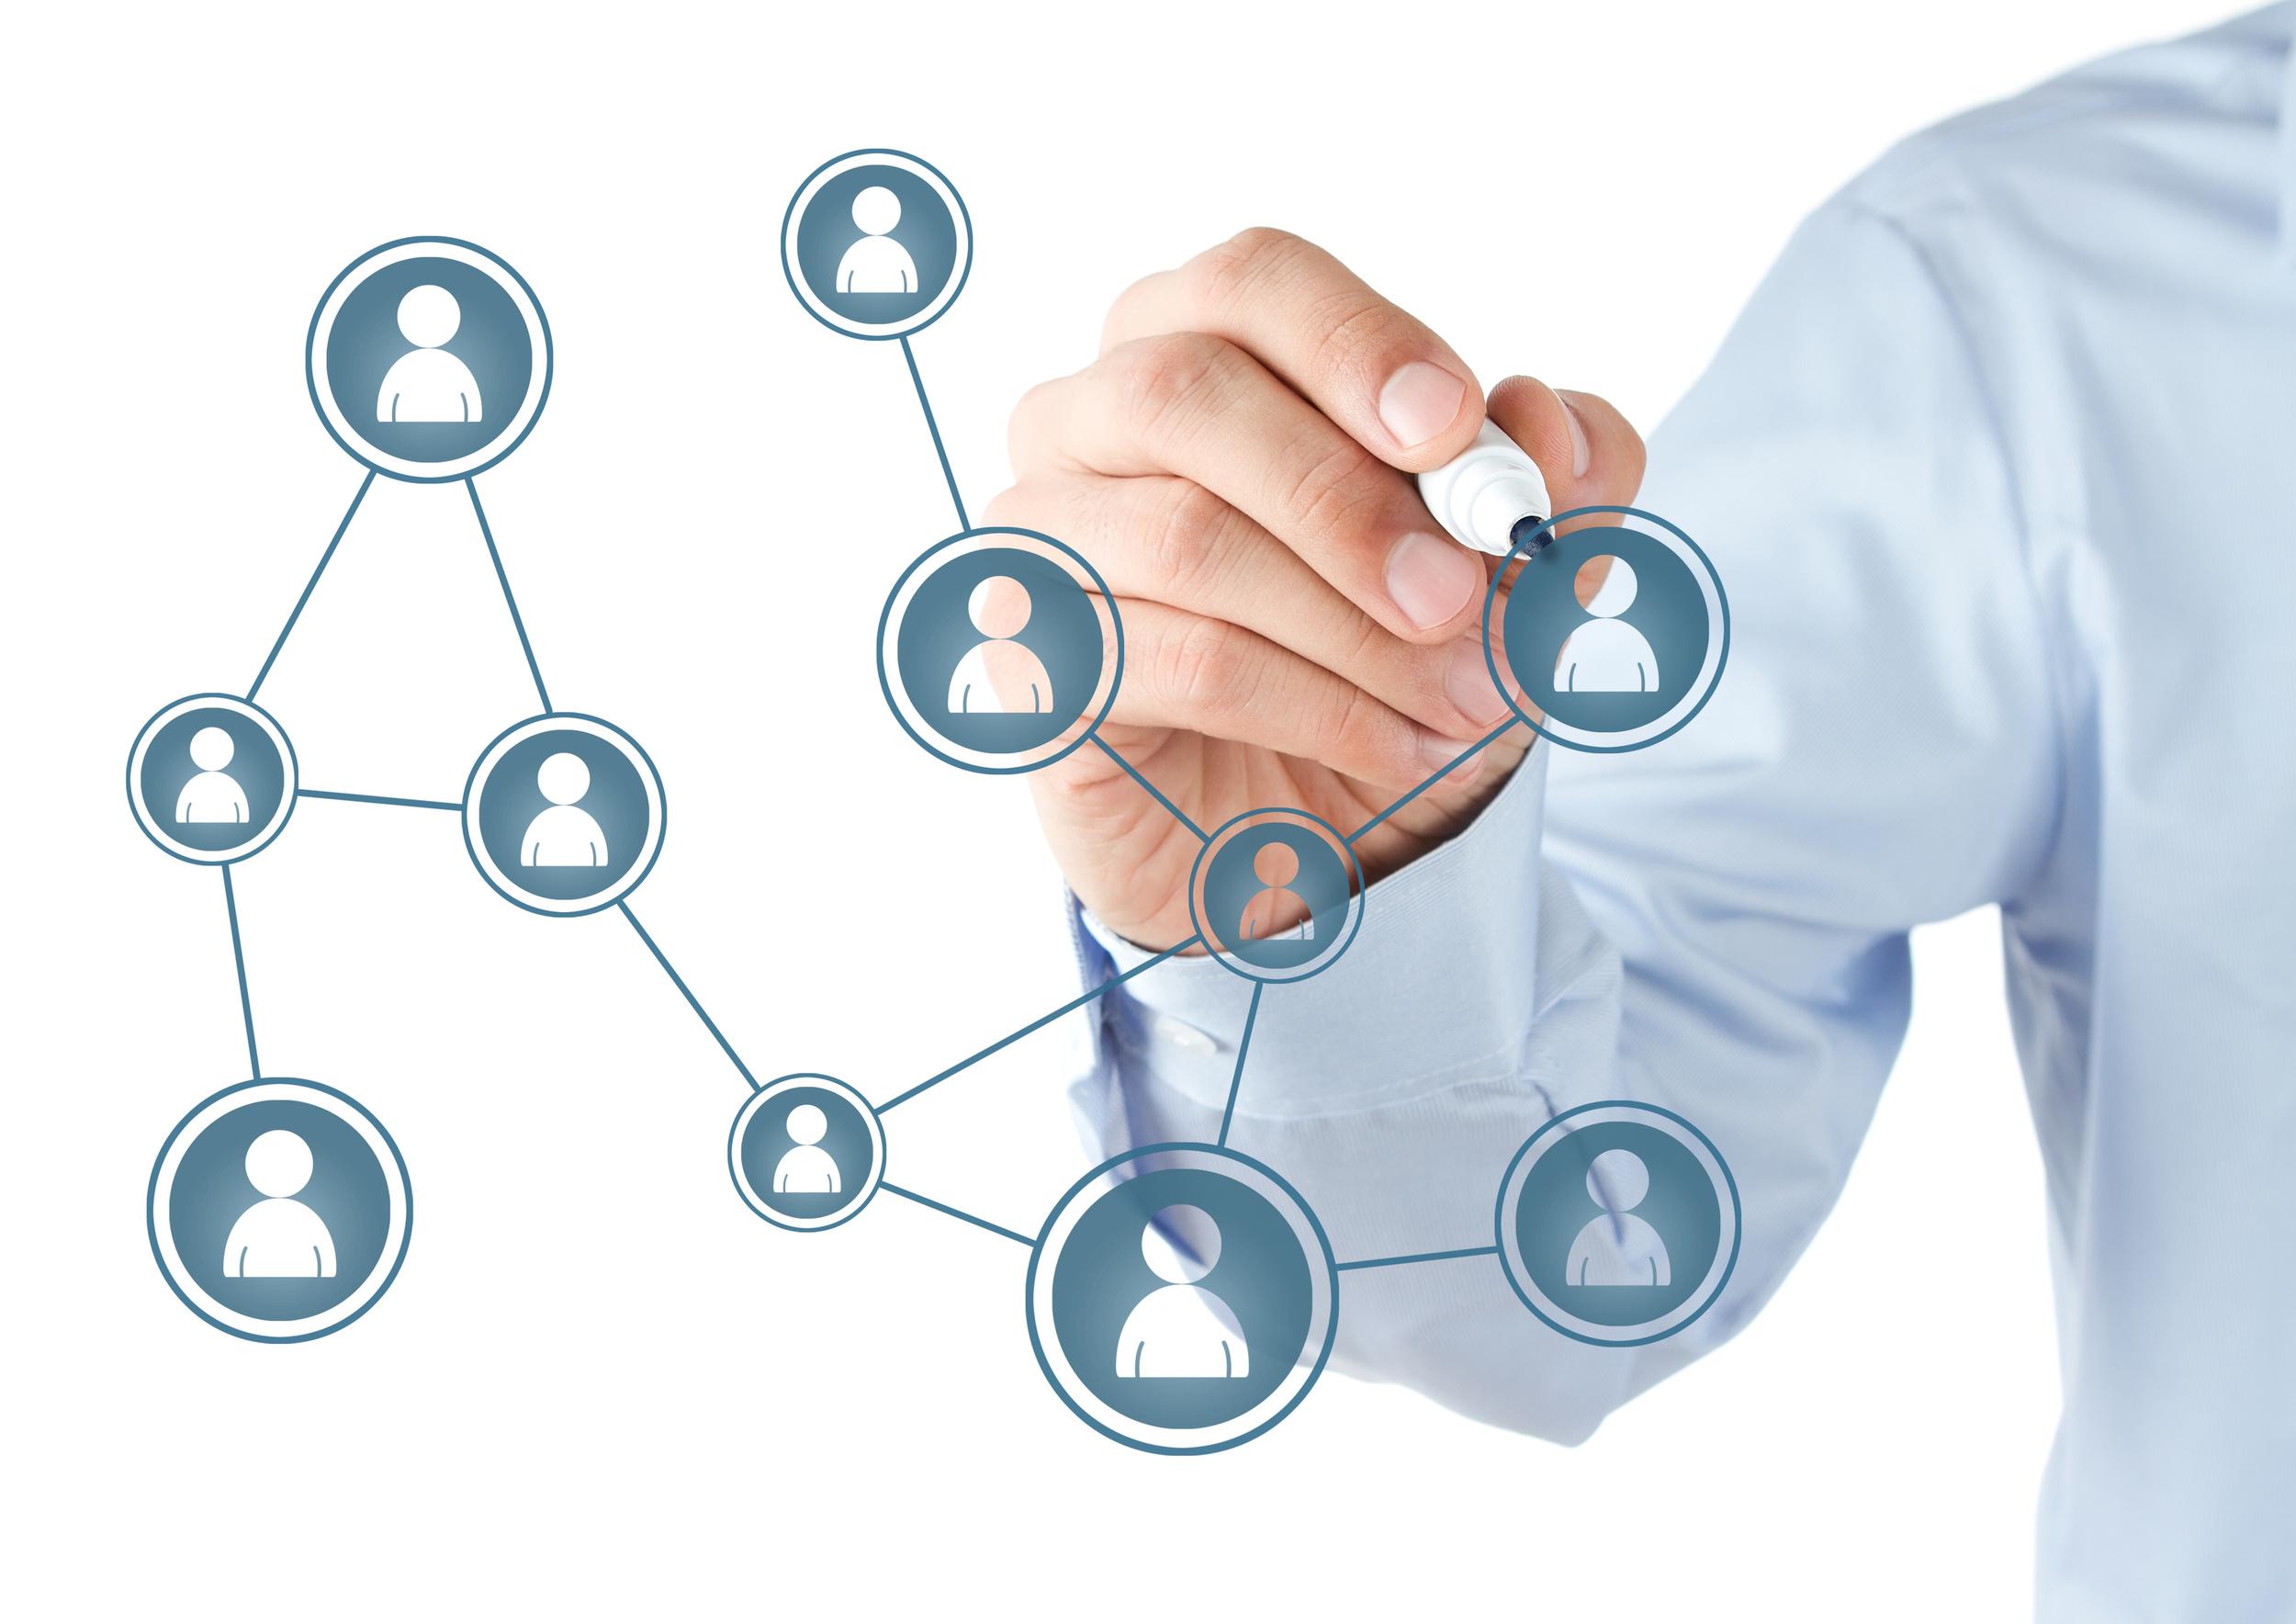 social-media-marketing-3.jpg